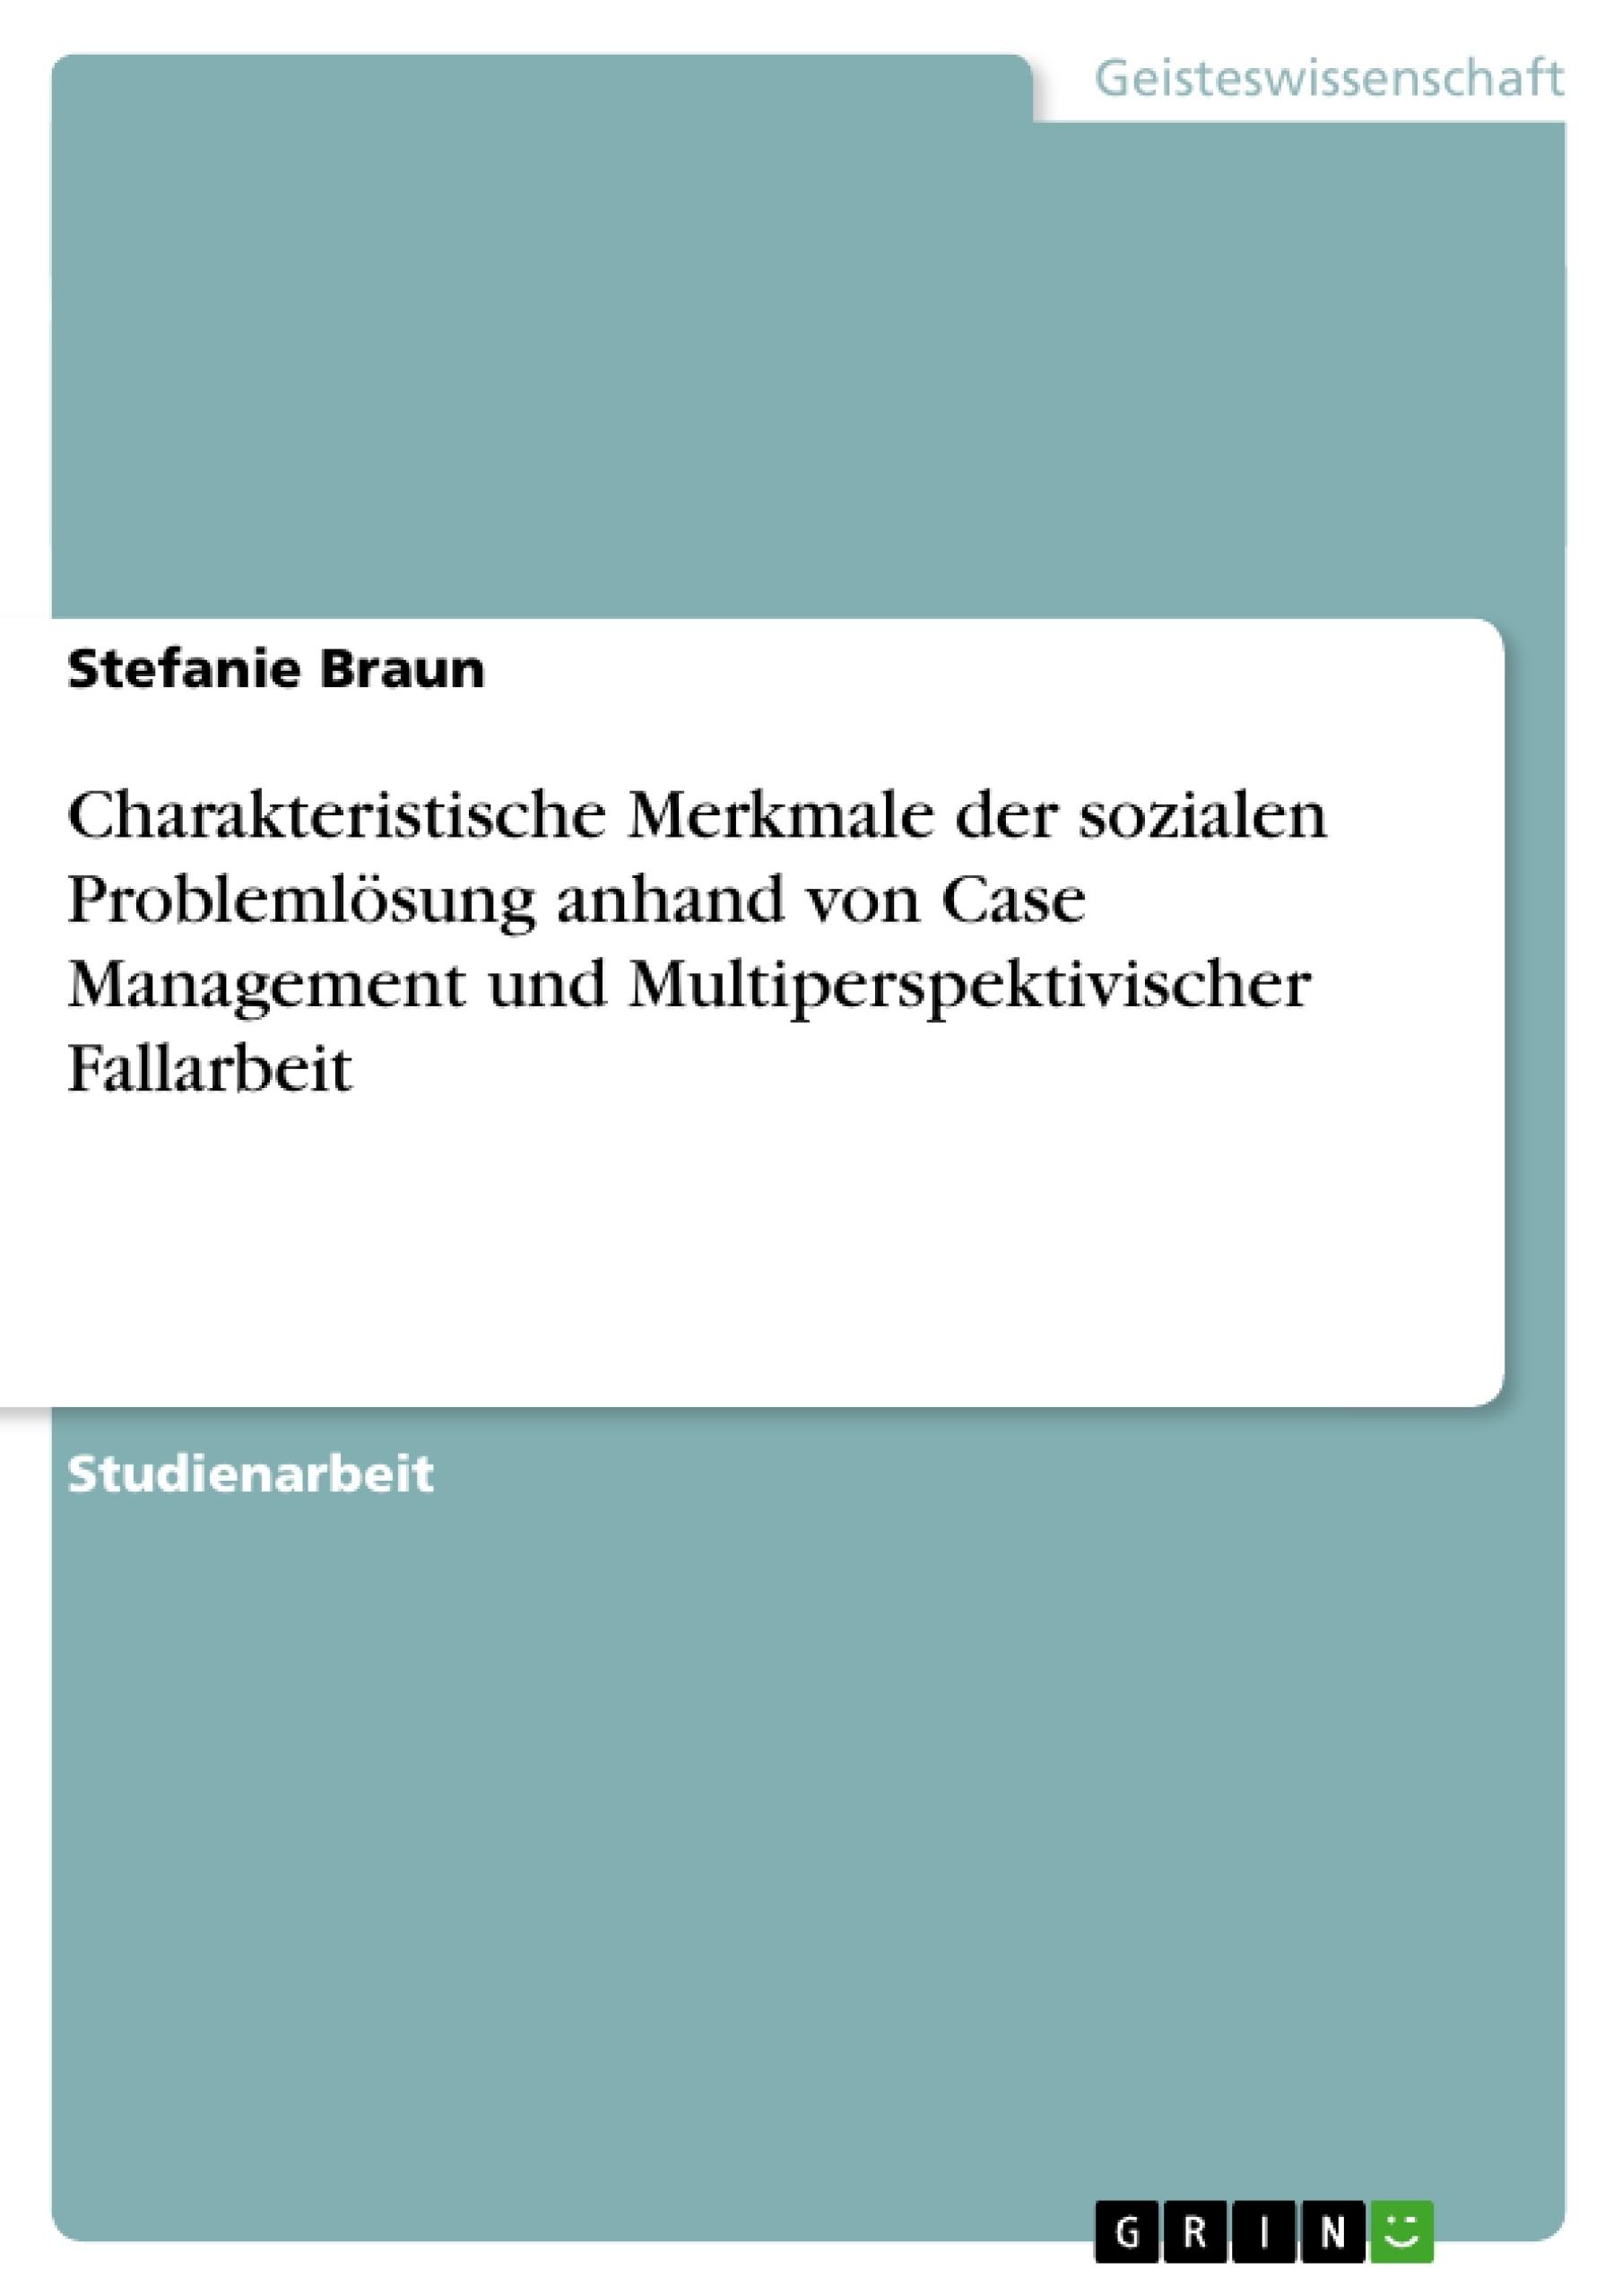 Titel: Charakteristische Merkmale der sozialen Problemlösung anhand von Case Management und Multiperspektivischer Fallarbeit